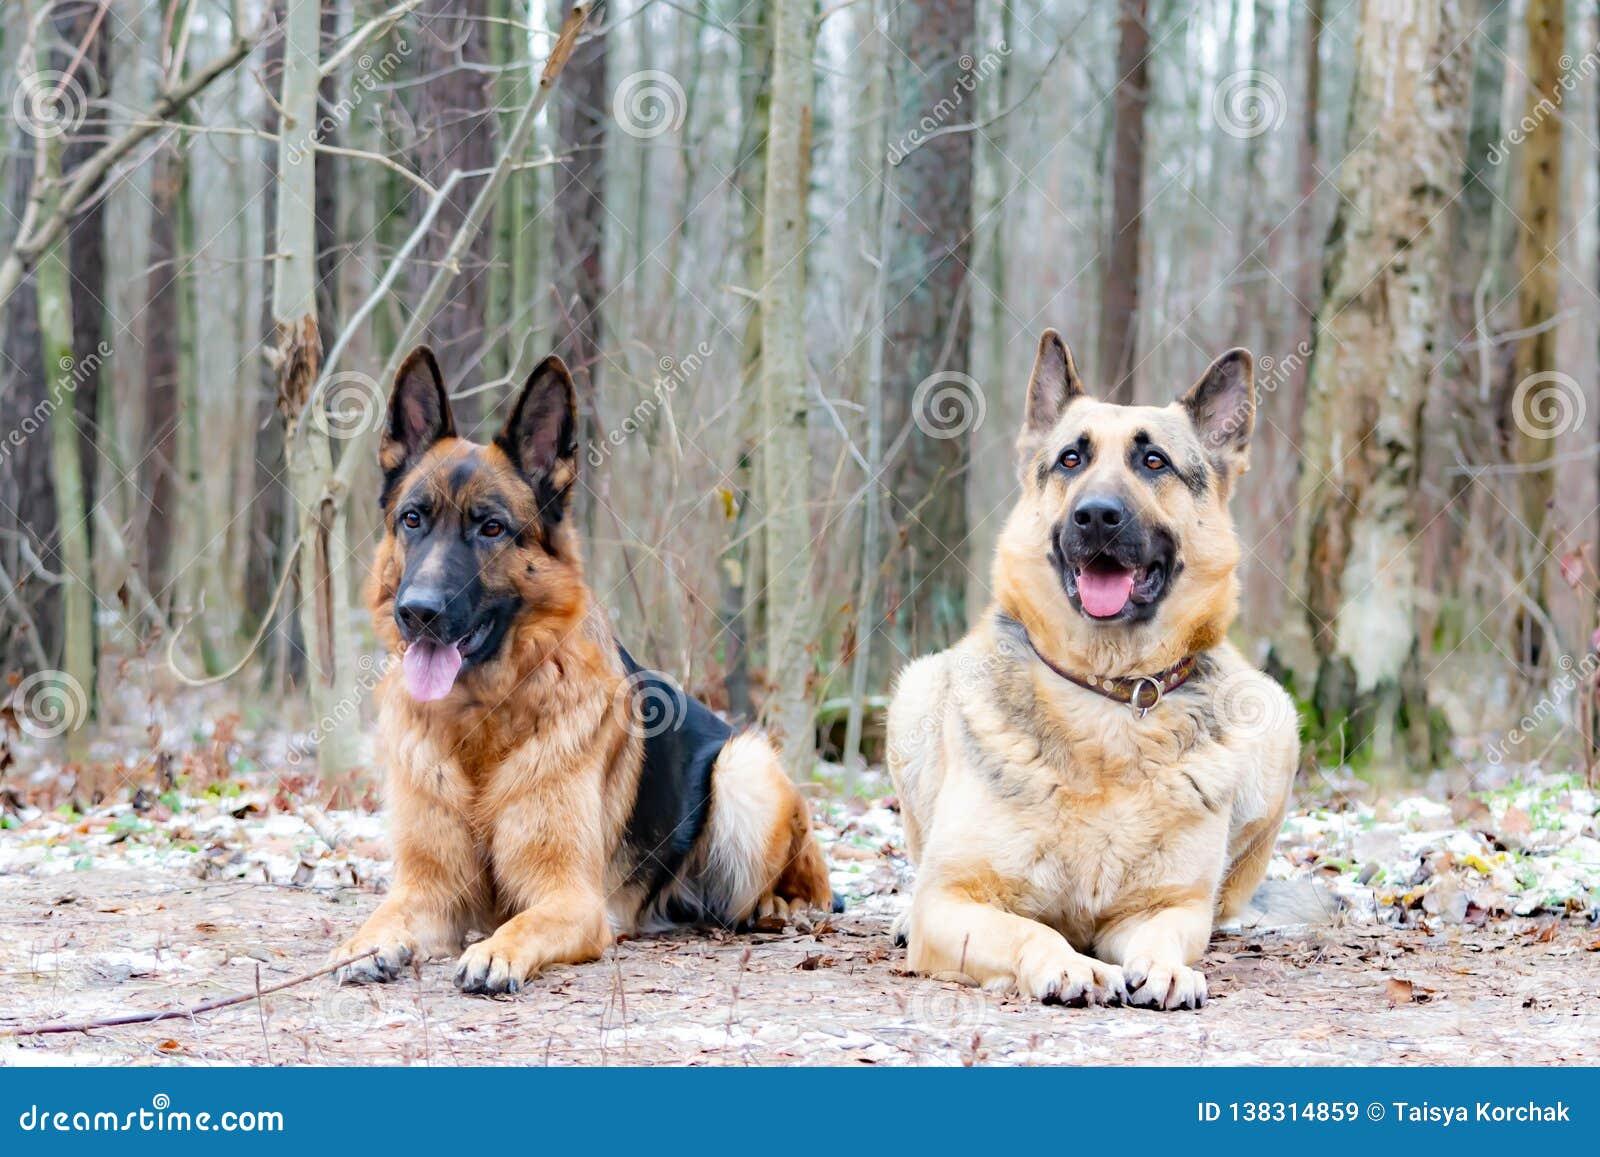 Wschód - europejska baca Młody energiczny pies chodzi w lesie